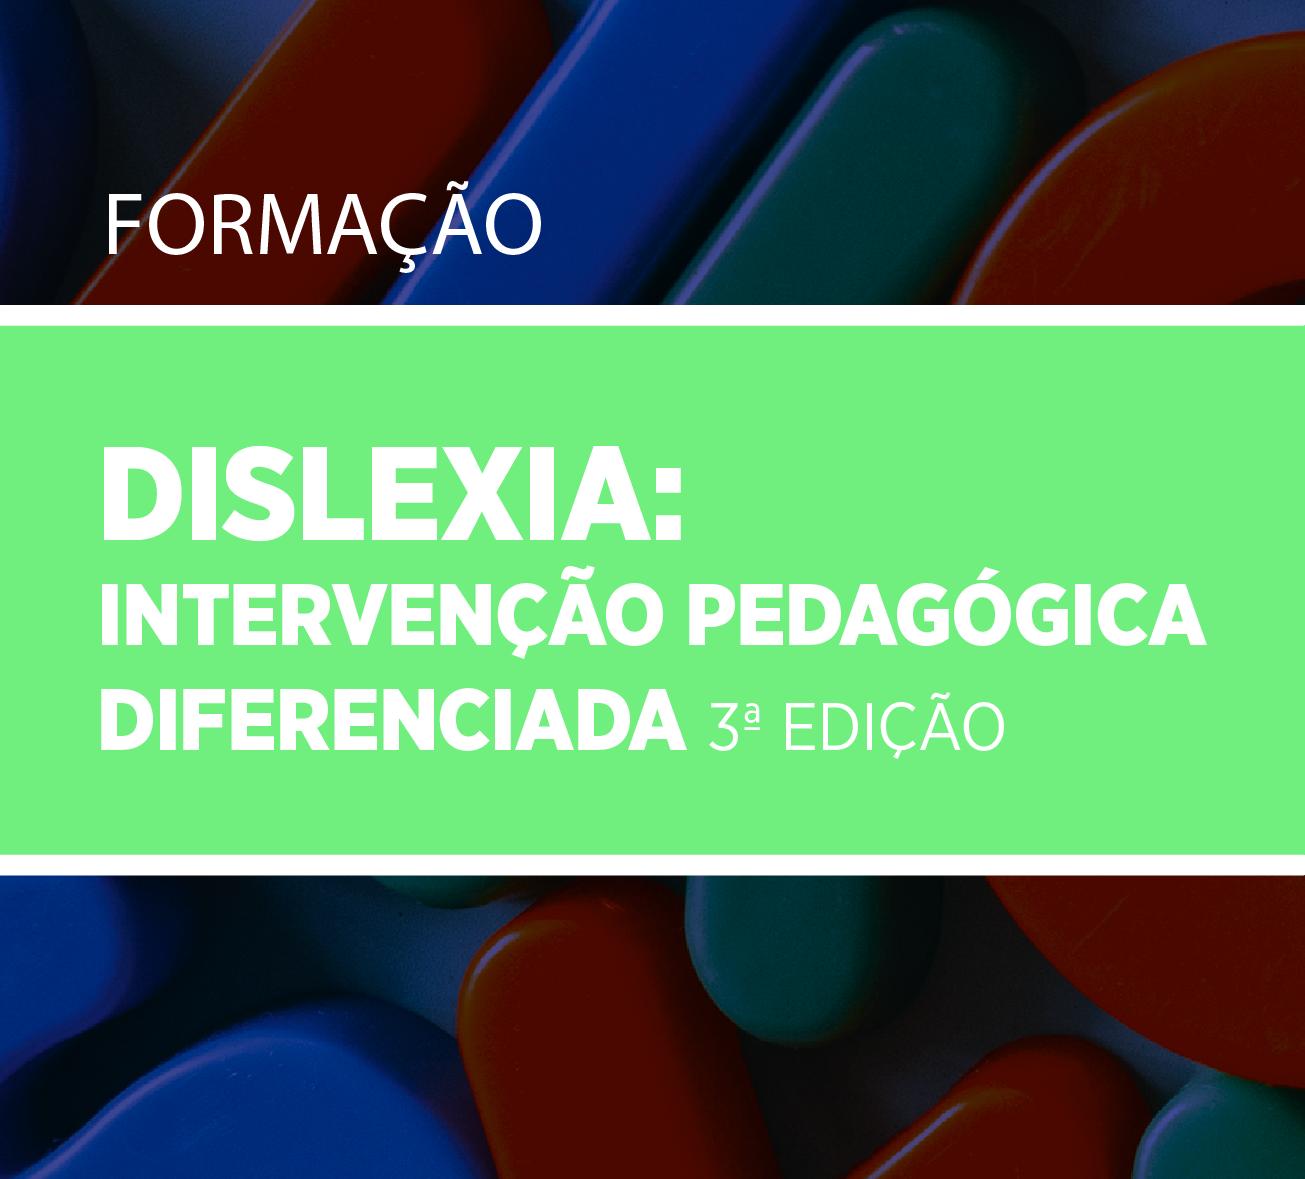 DISLEXIA:  Intervenção Pedagógica  Diferenciada 3ª Edição